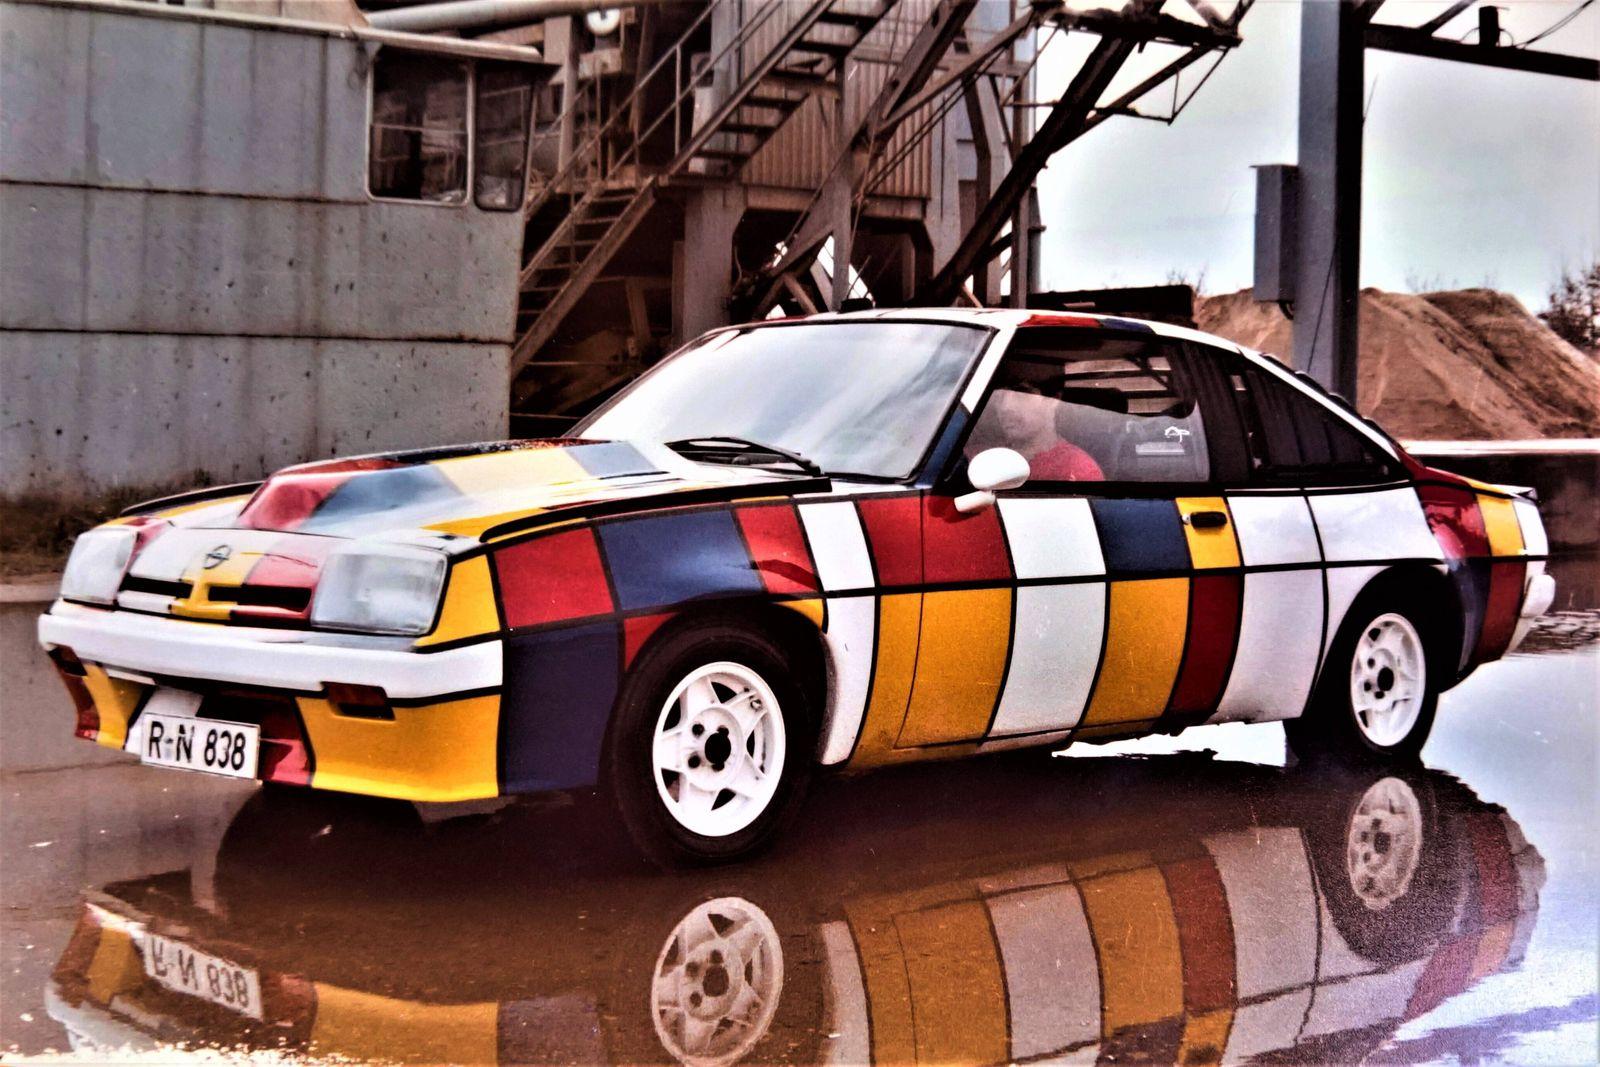 Der Opel Manta B ist ein Pkw der Adam Opel AG. Einige Ausfuehrungen sind viersitzig, zum Beispiel der Manta B GTE. Als